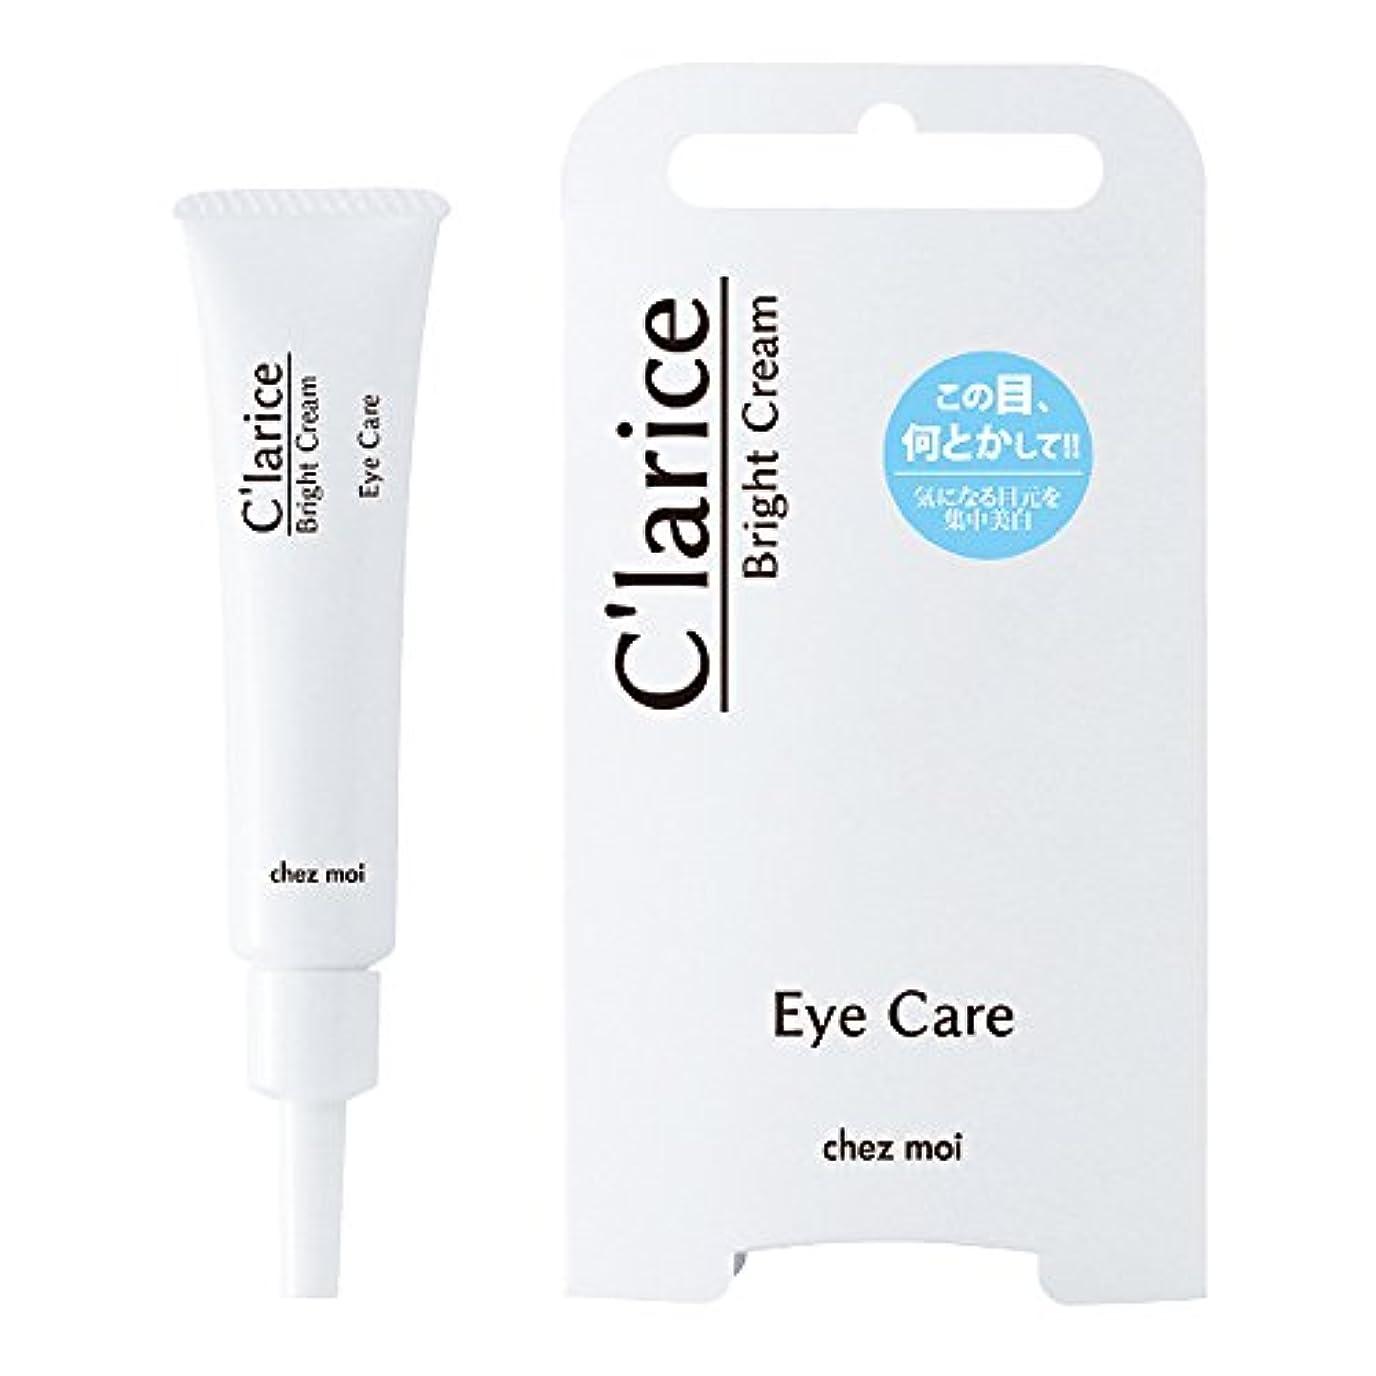 不可能なアサー早いシェモア C'larice(クラリス) Bright Cream【医薬部外品】 15g